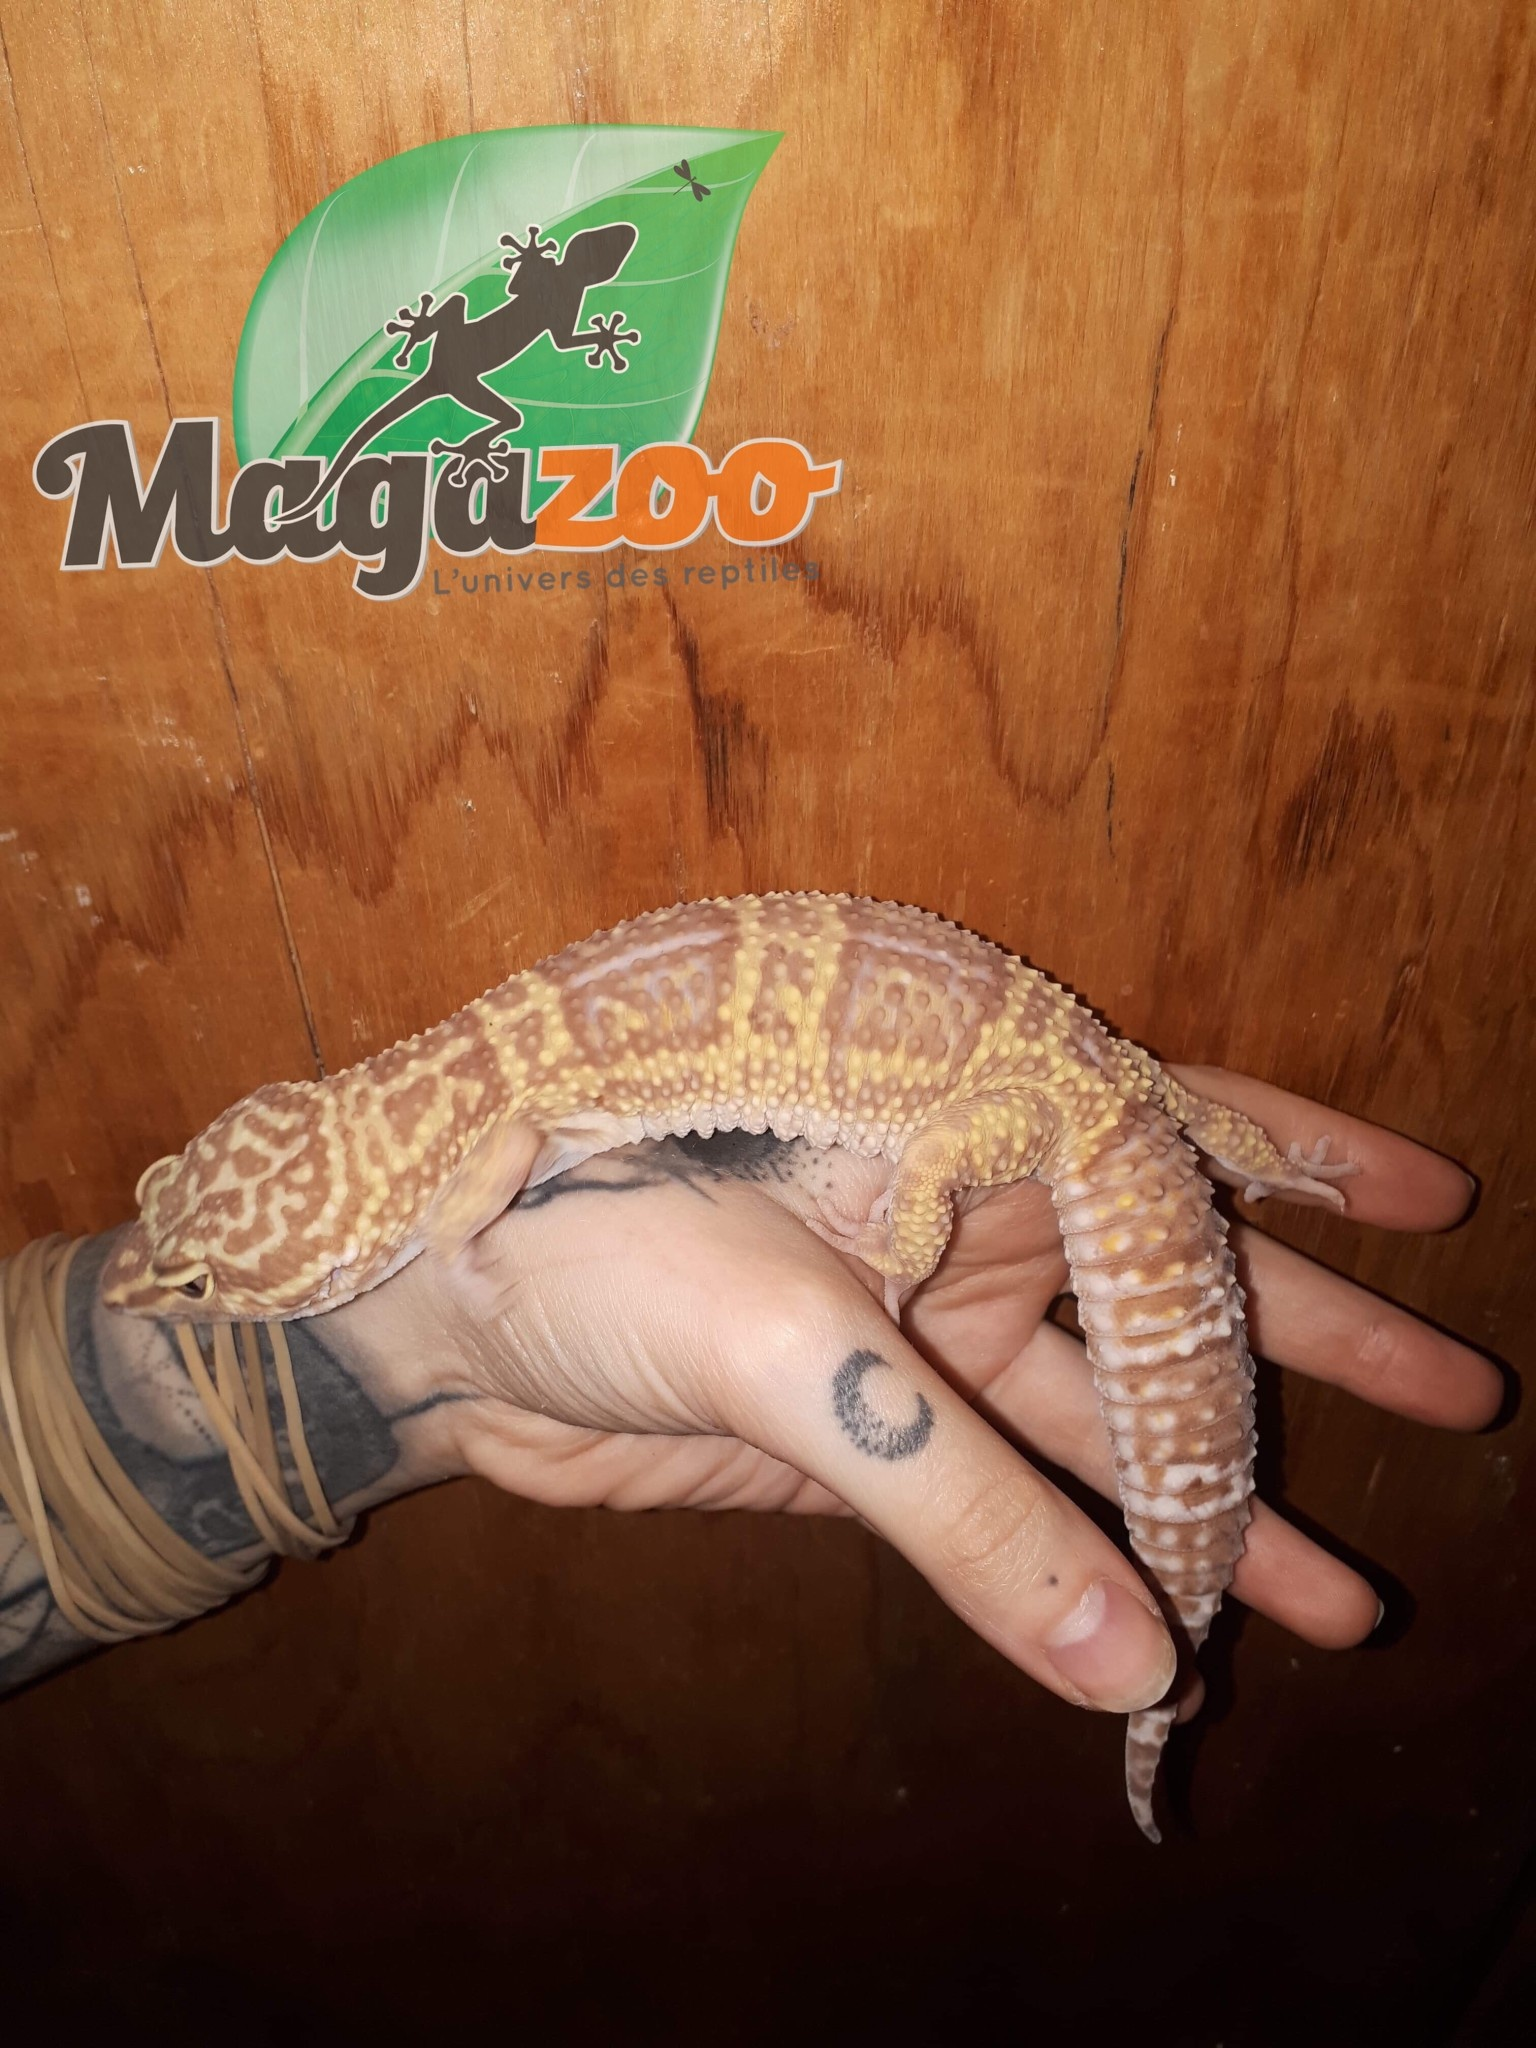 Magazoo Gecko Léopard Mack Snow Tremper Albino Femelle